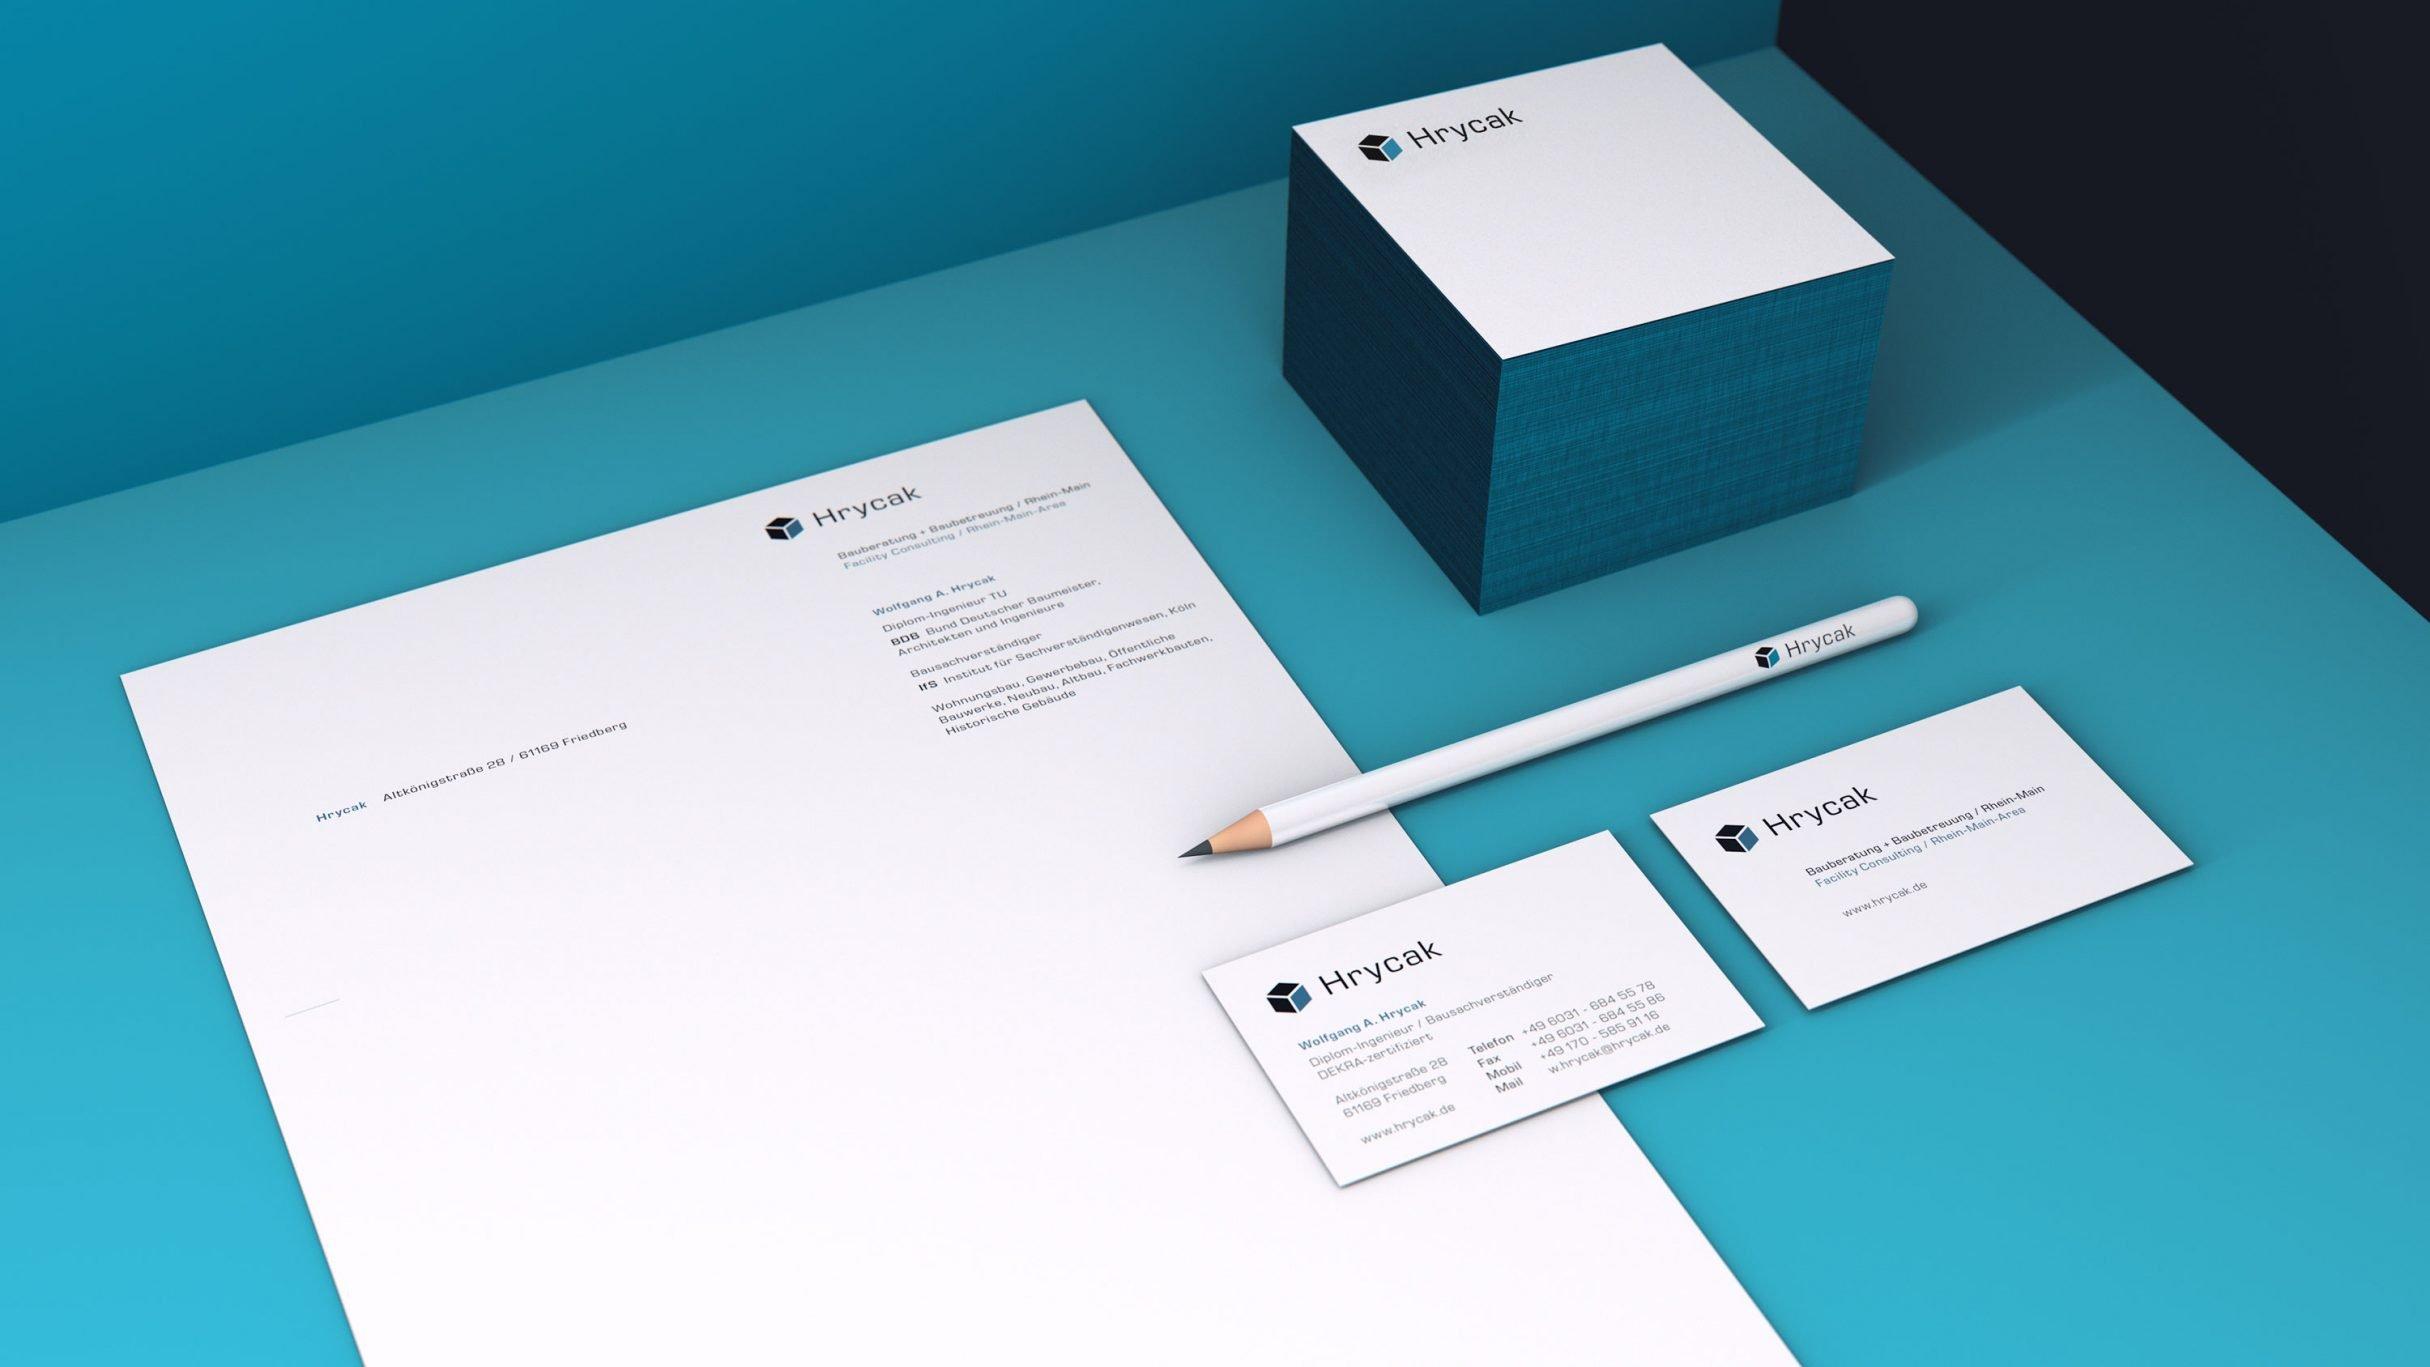 Corporate Design, Birefpapier und Visitenkarten für Hrycak Beratung: DIE NEUDENKER® Agentur, Darmstadt